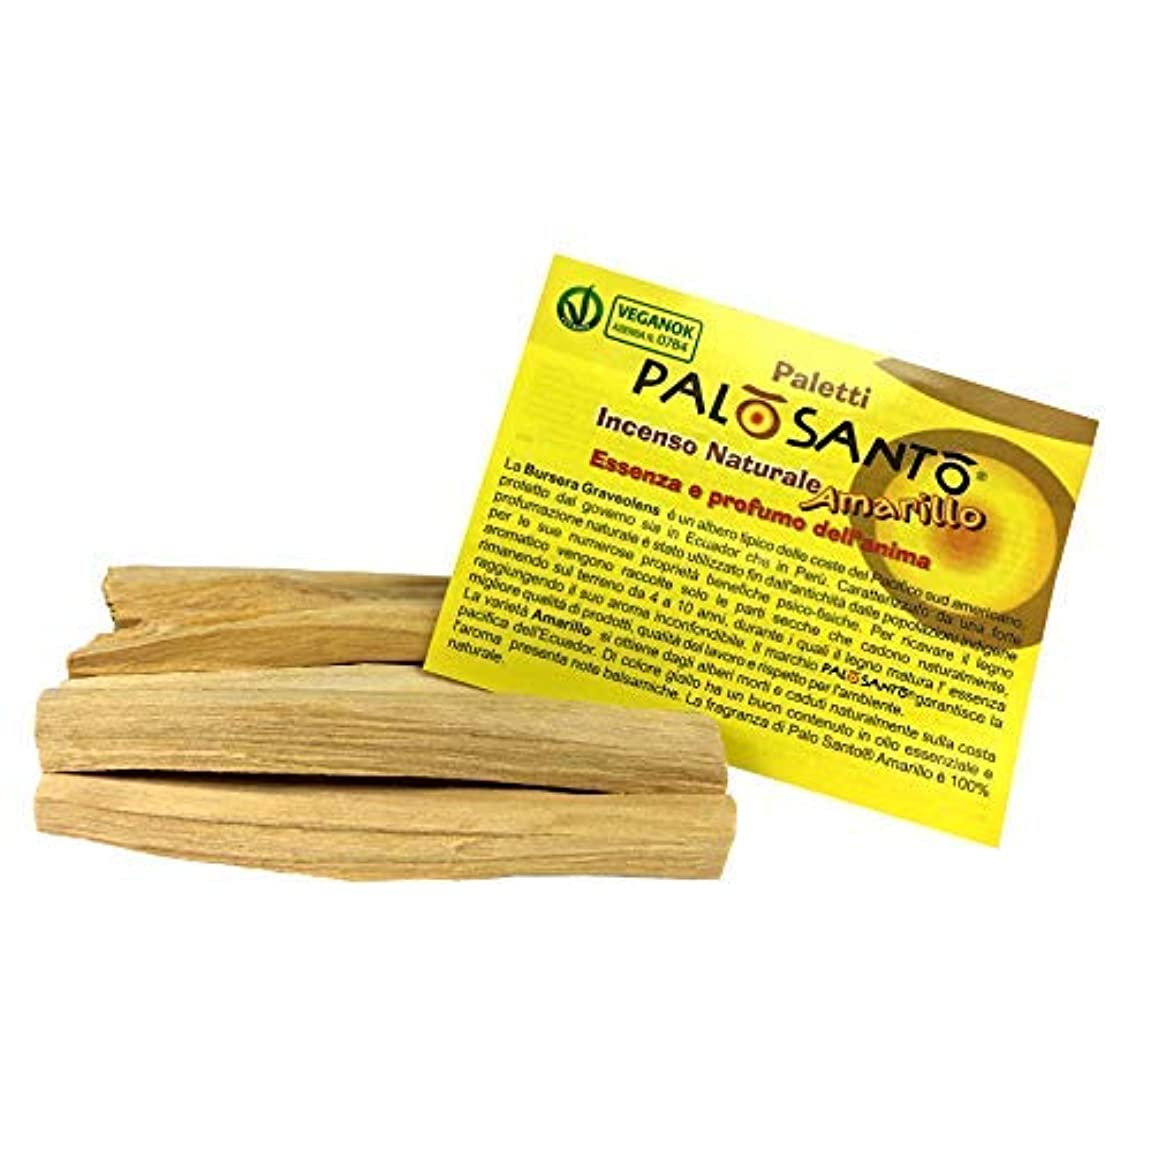 Palo Santo Sticks Amarillo - 天然香スティック - 瞑想、リラックス、不安、ヨガの香 - オリジナルBursera Graveolens聖ポールシャーマニック品質 - 12スティック